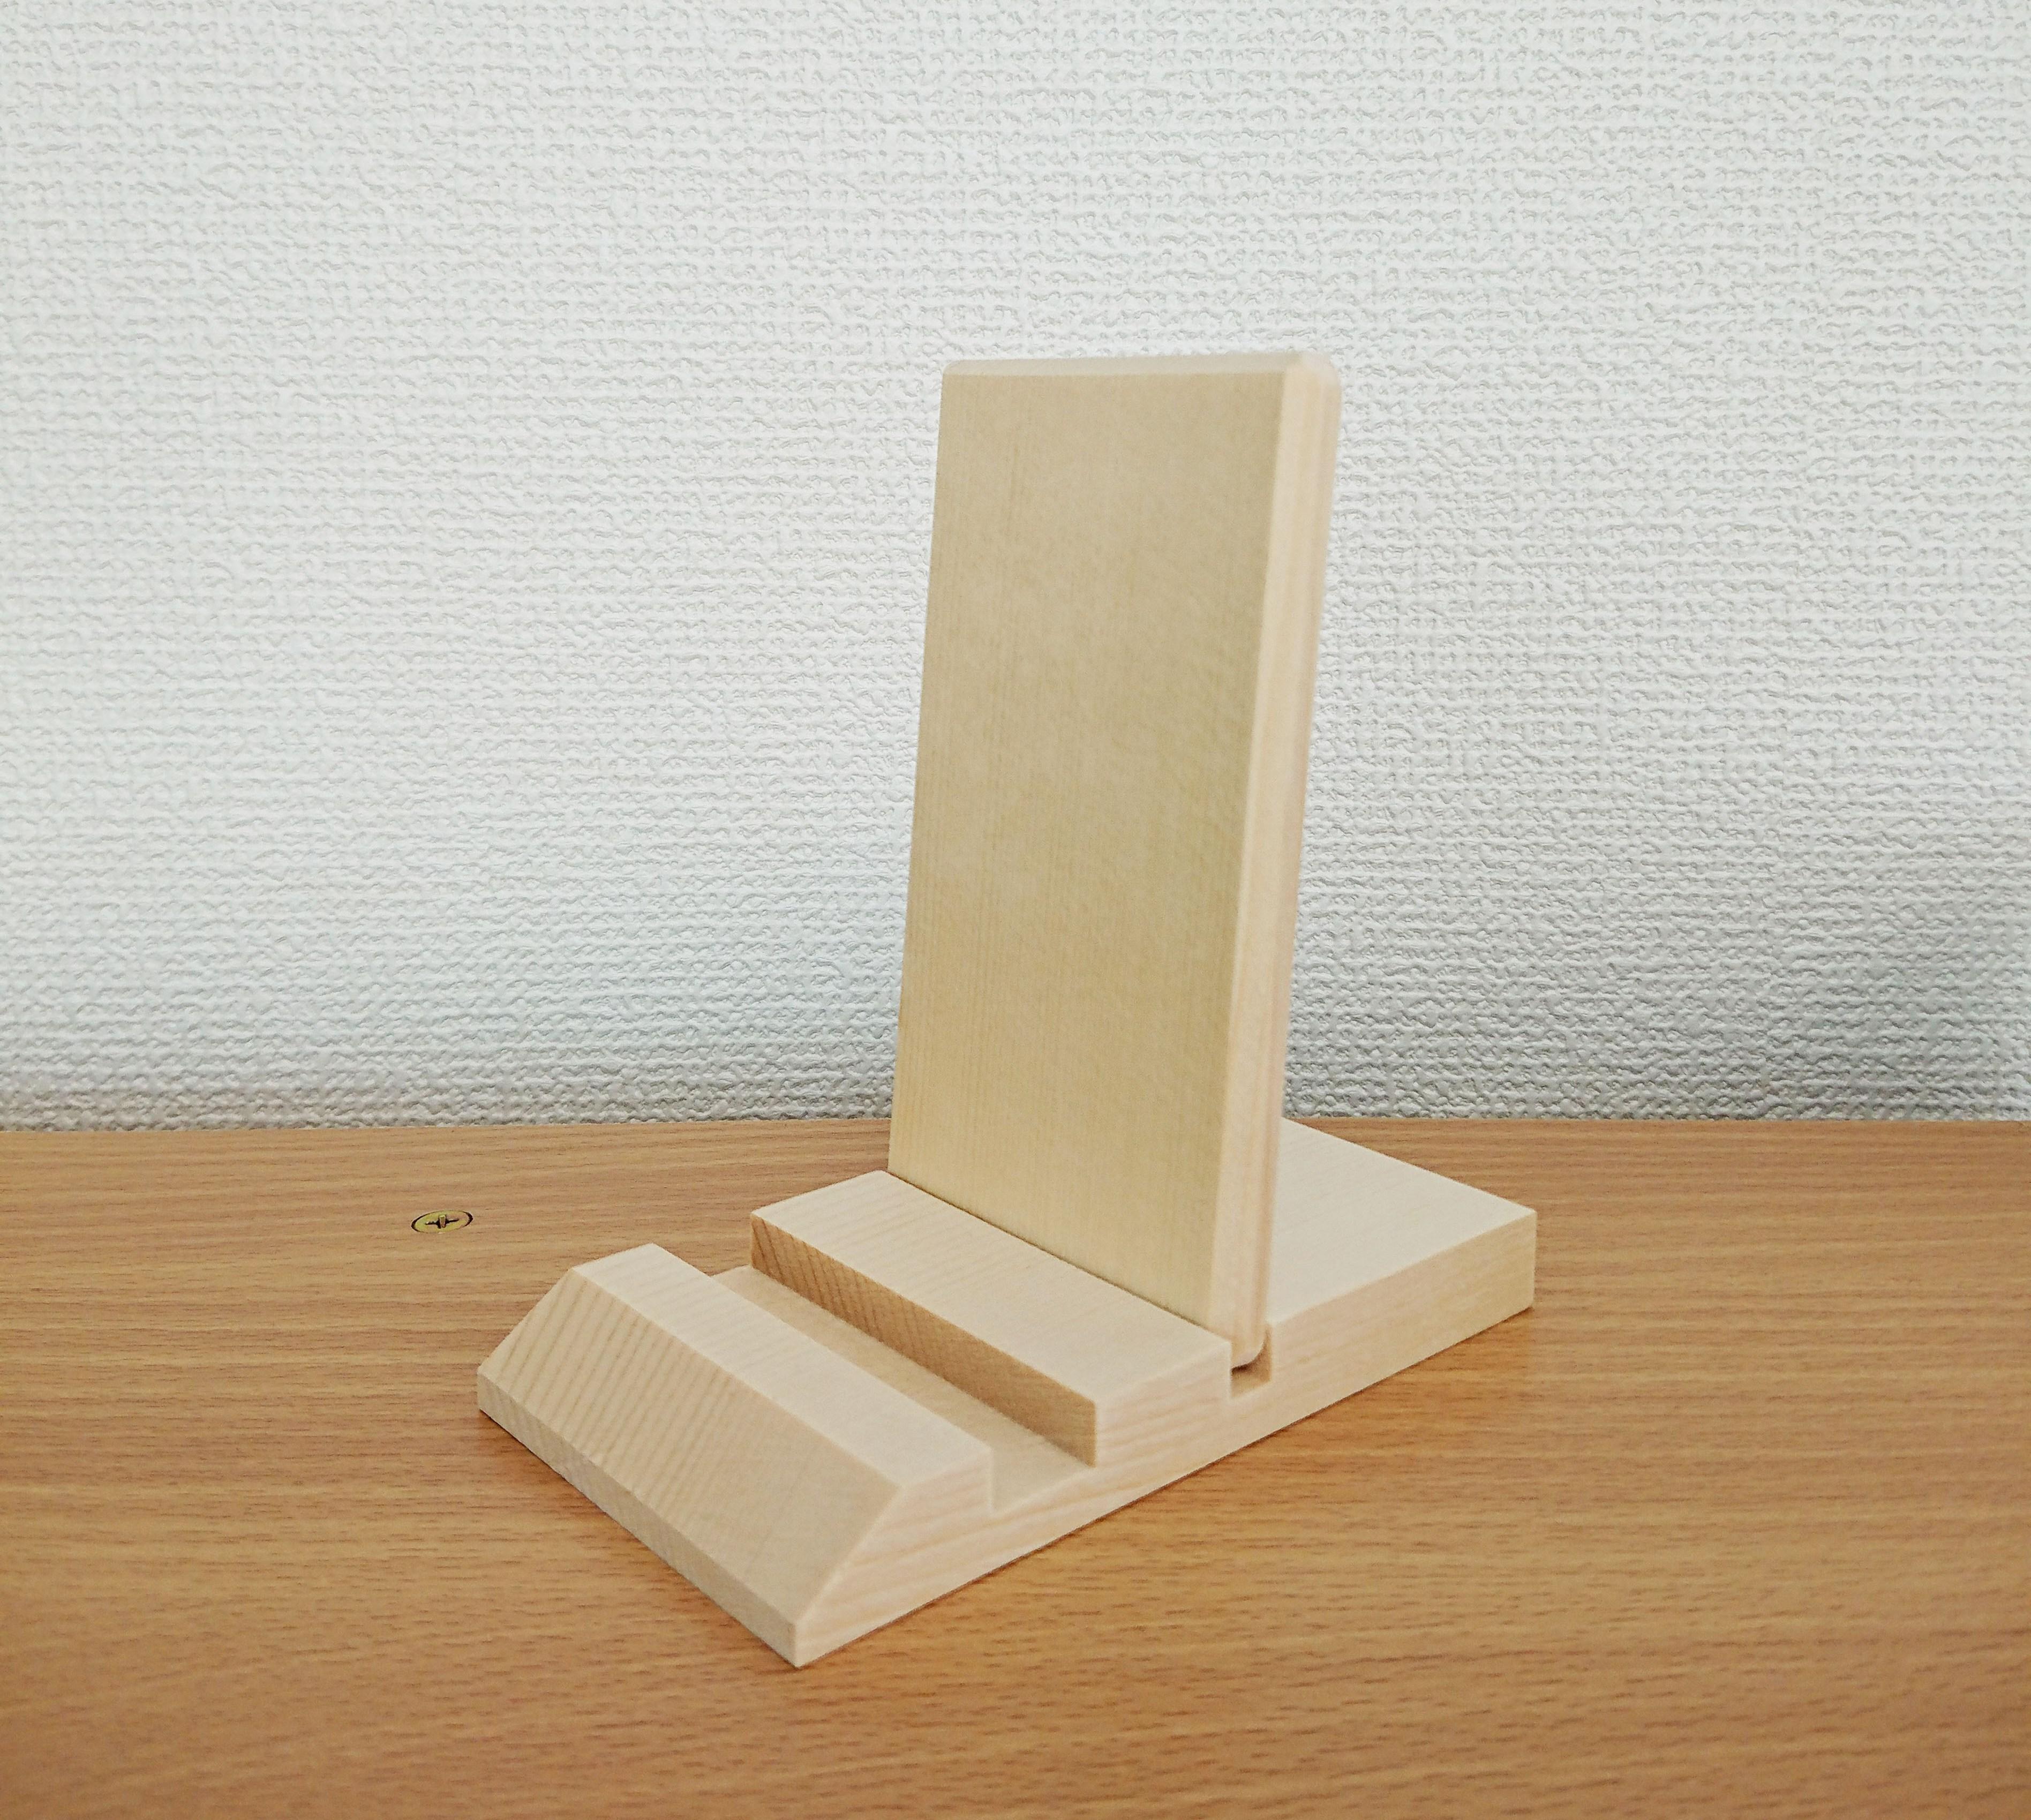 https://www.morita-stone.co.jp/weblog/img/20190110_ofudatate01.JPG